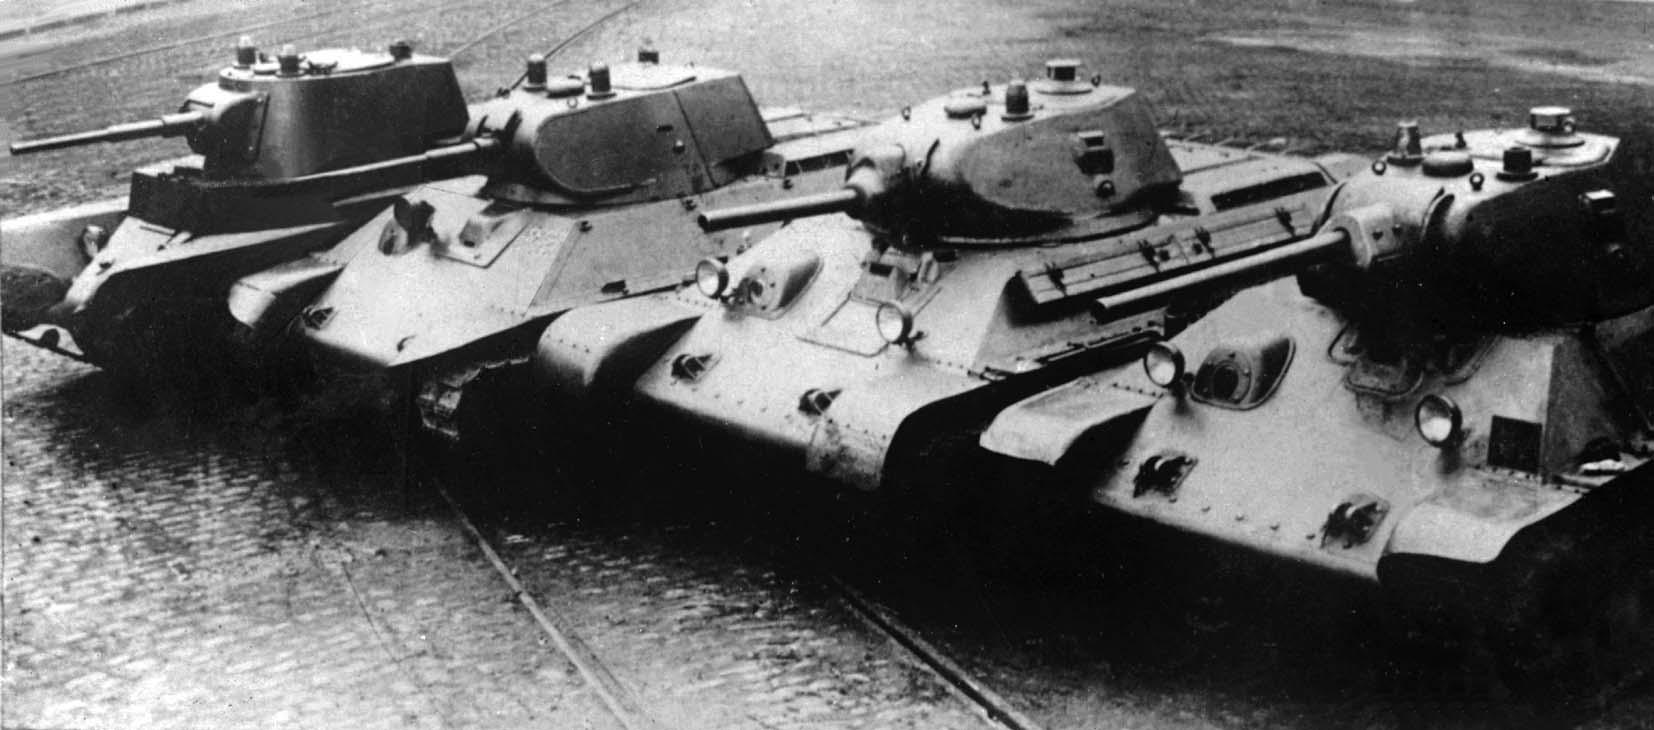 T-34 variants - Wikipedia